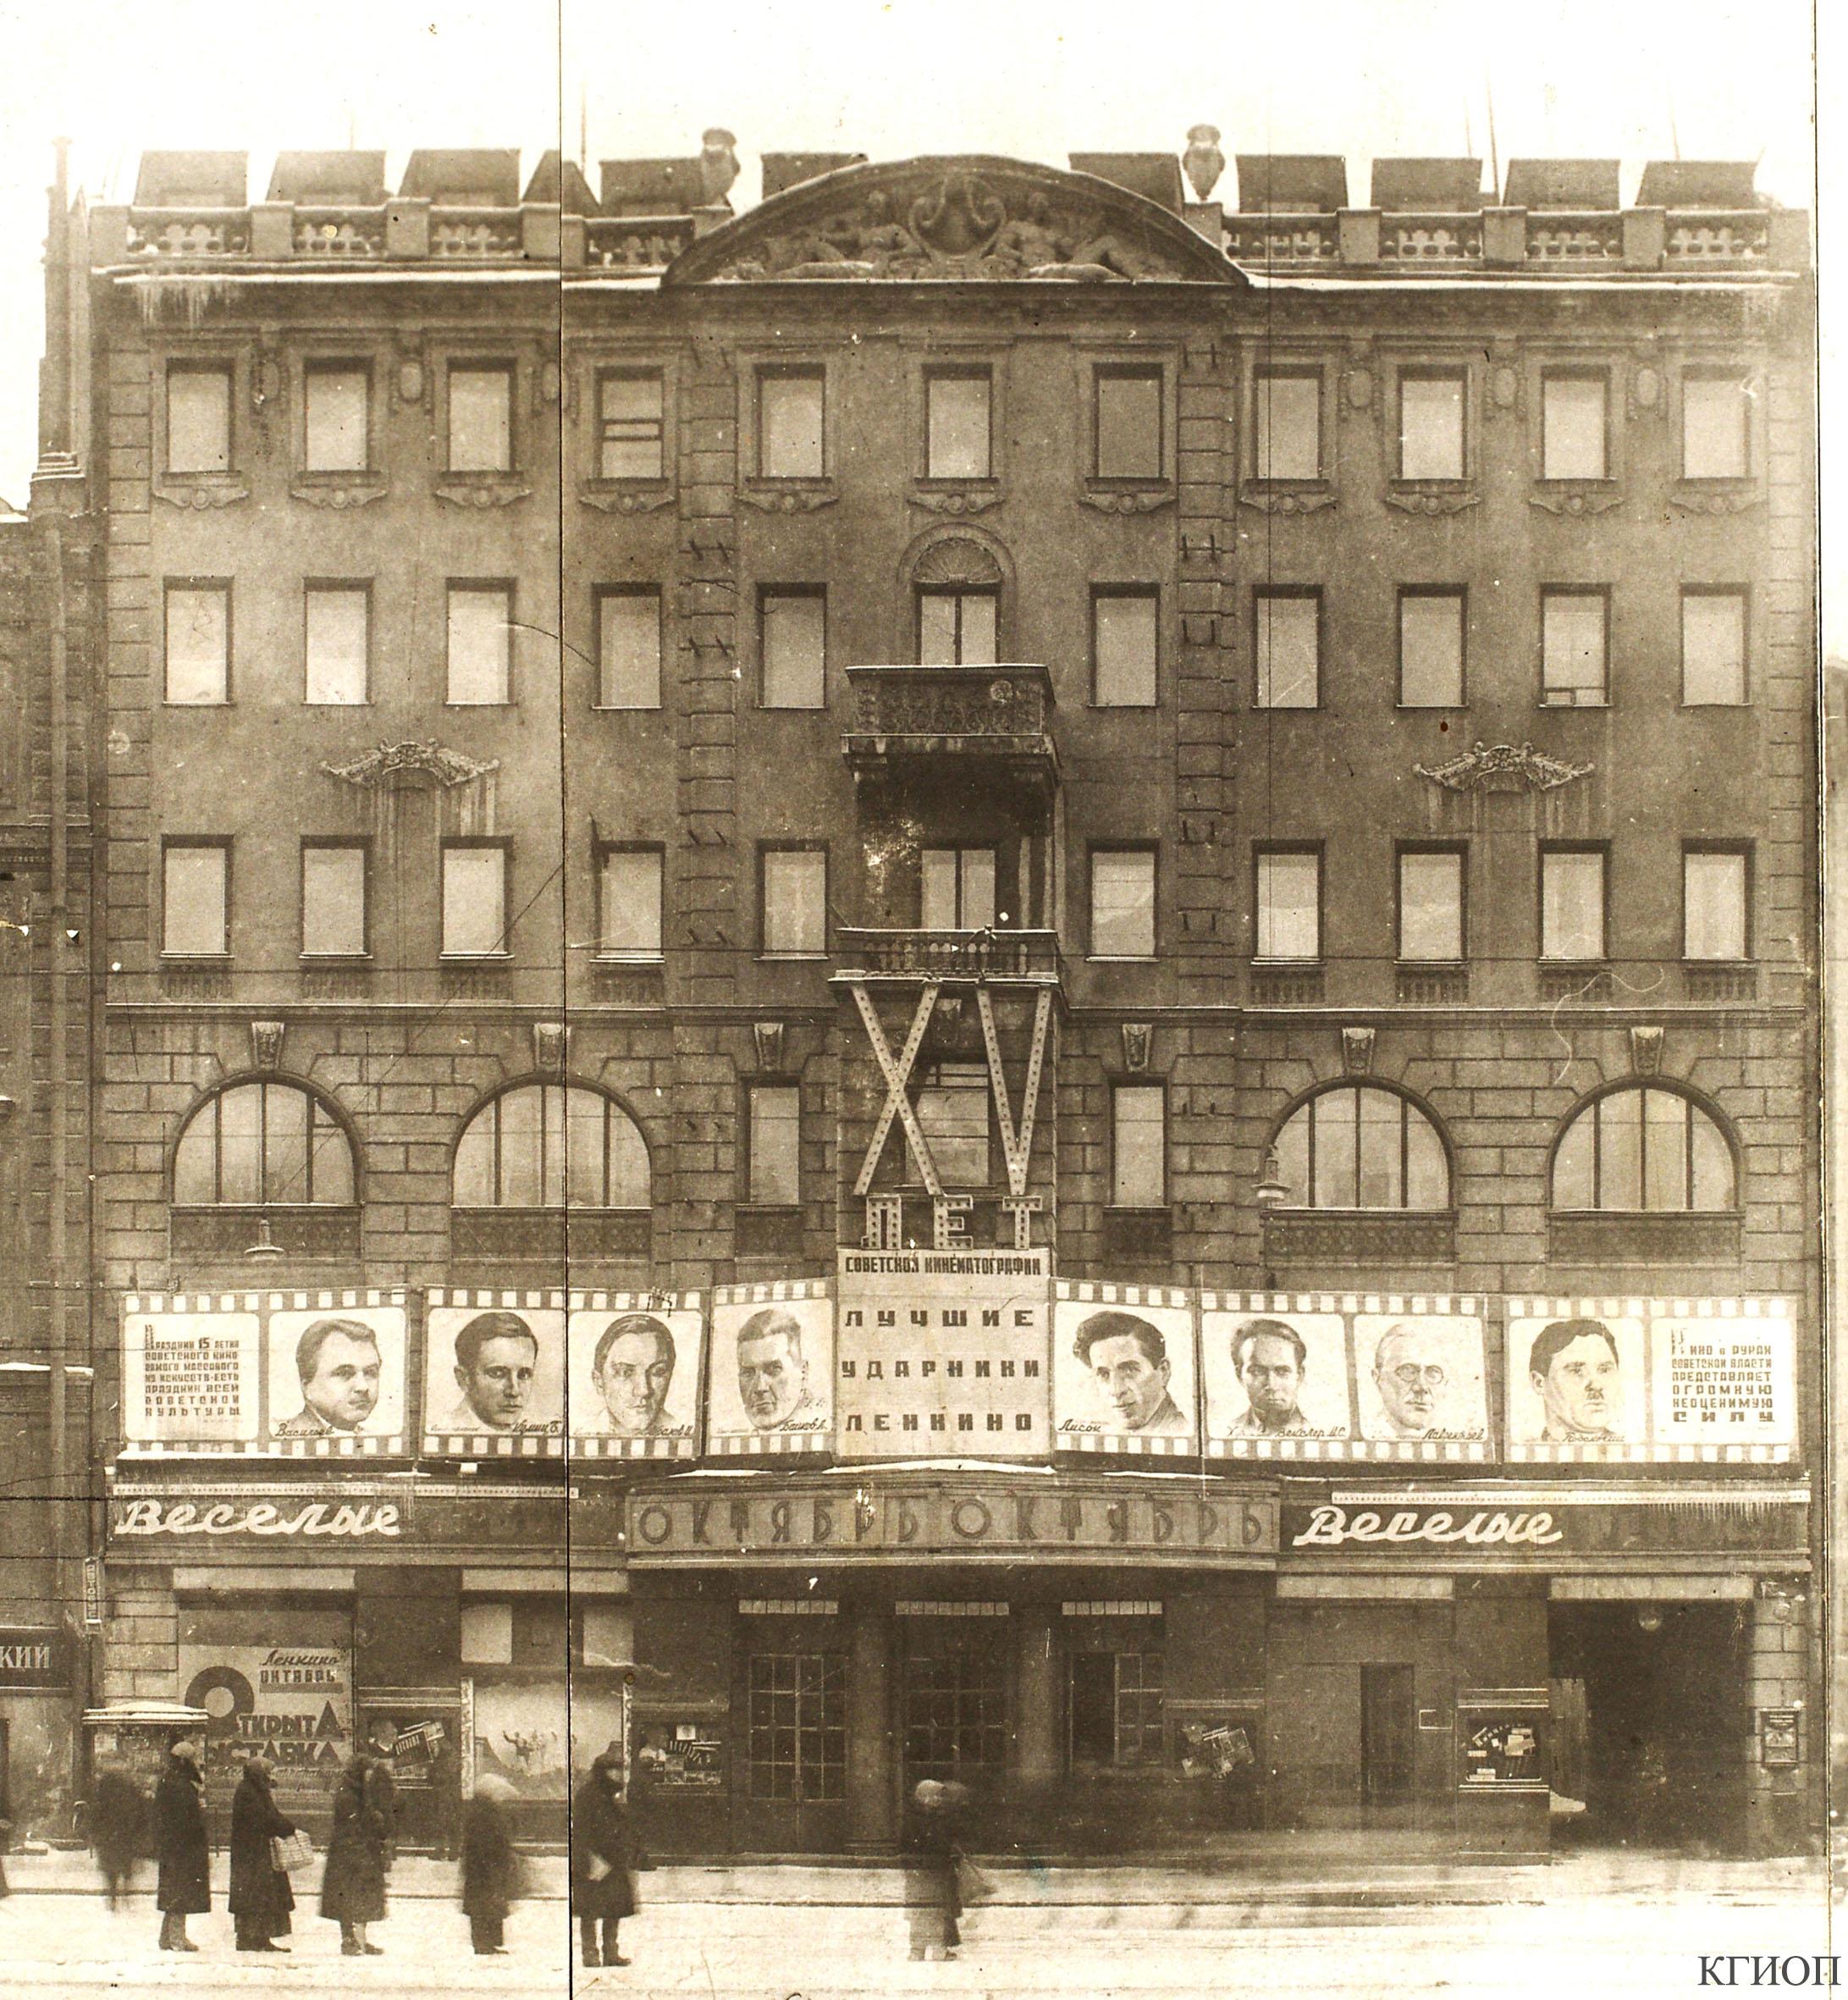 1935. Кинотеатр «Октябрь». Невский пр., 80